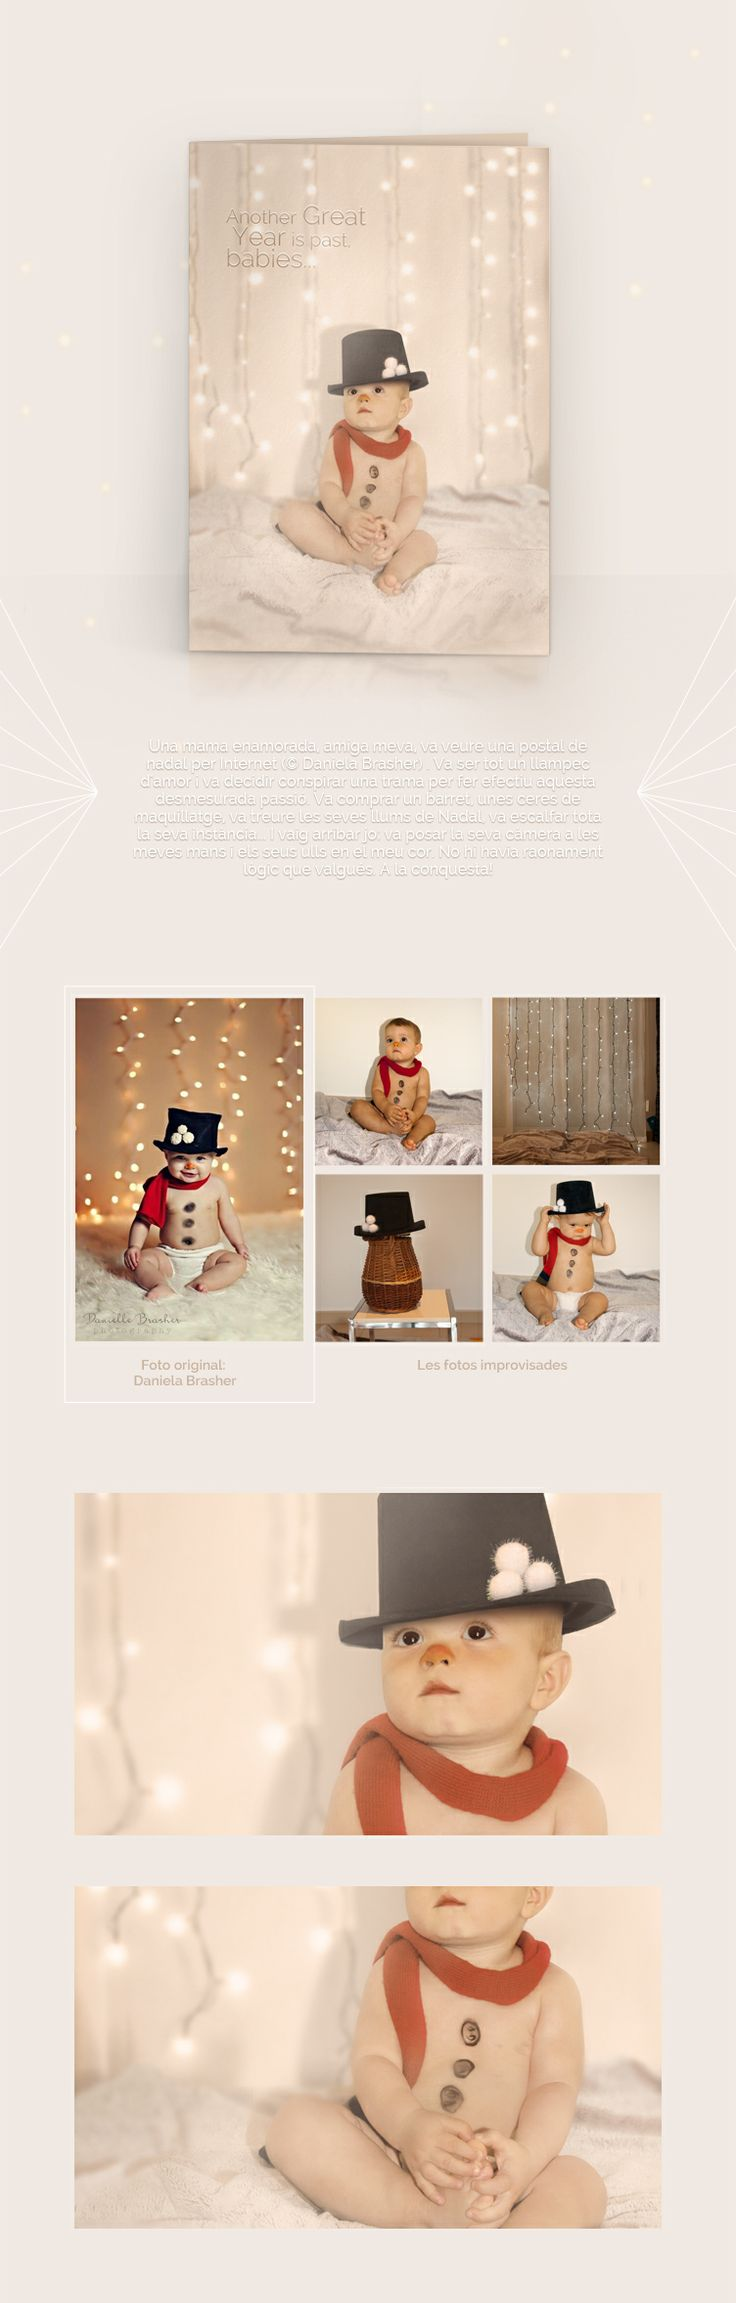 Una mama enamorada, amiga meva, va veure per internet una postal (© Daniela Brasher). Es va enamorar i va planificar una estratègia per fer-me particip d'aquesta passió desborda ;). Bon Nadal des del Dolç Petit i Tossut Mario! :D!